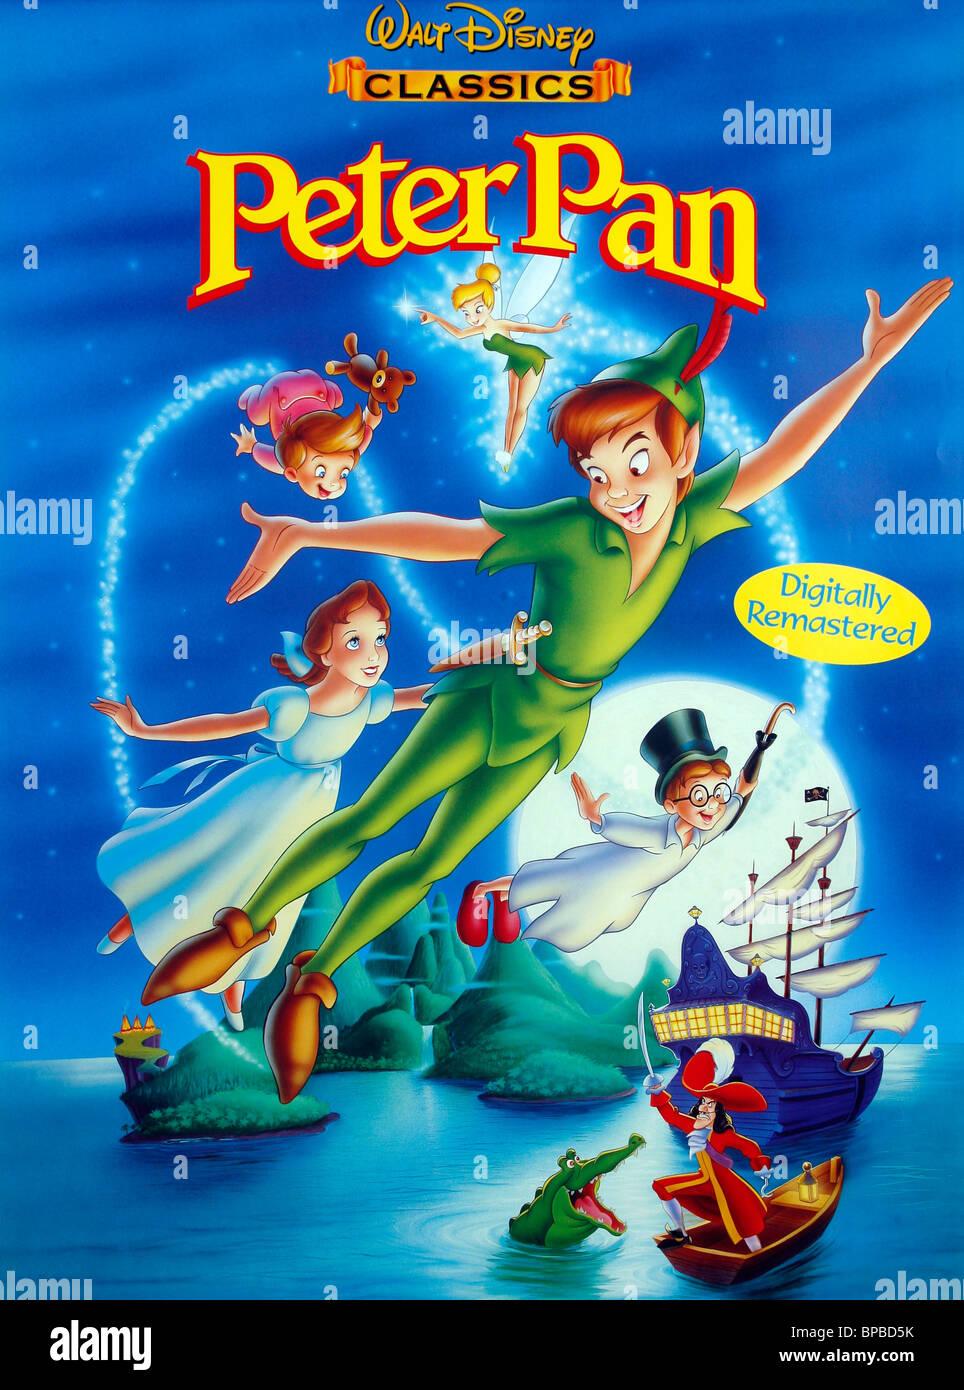 Film poster peter pan 1953 stock photo 30984623 alamy - Image de peter pan ...